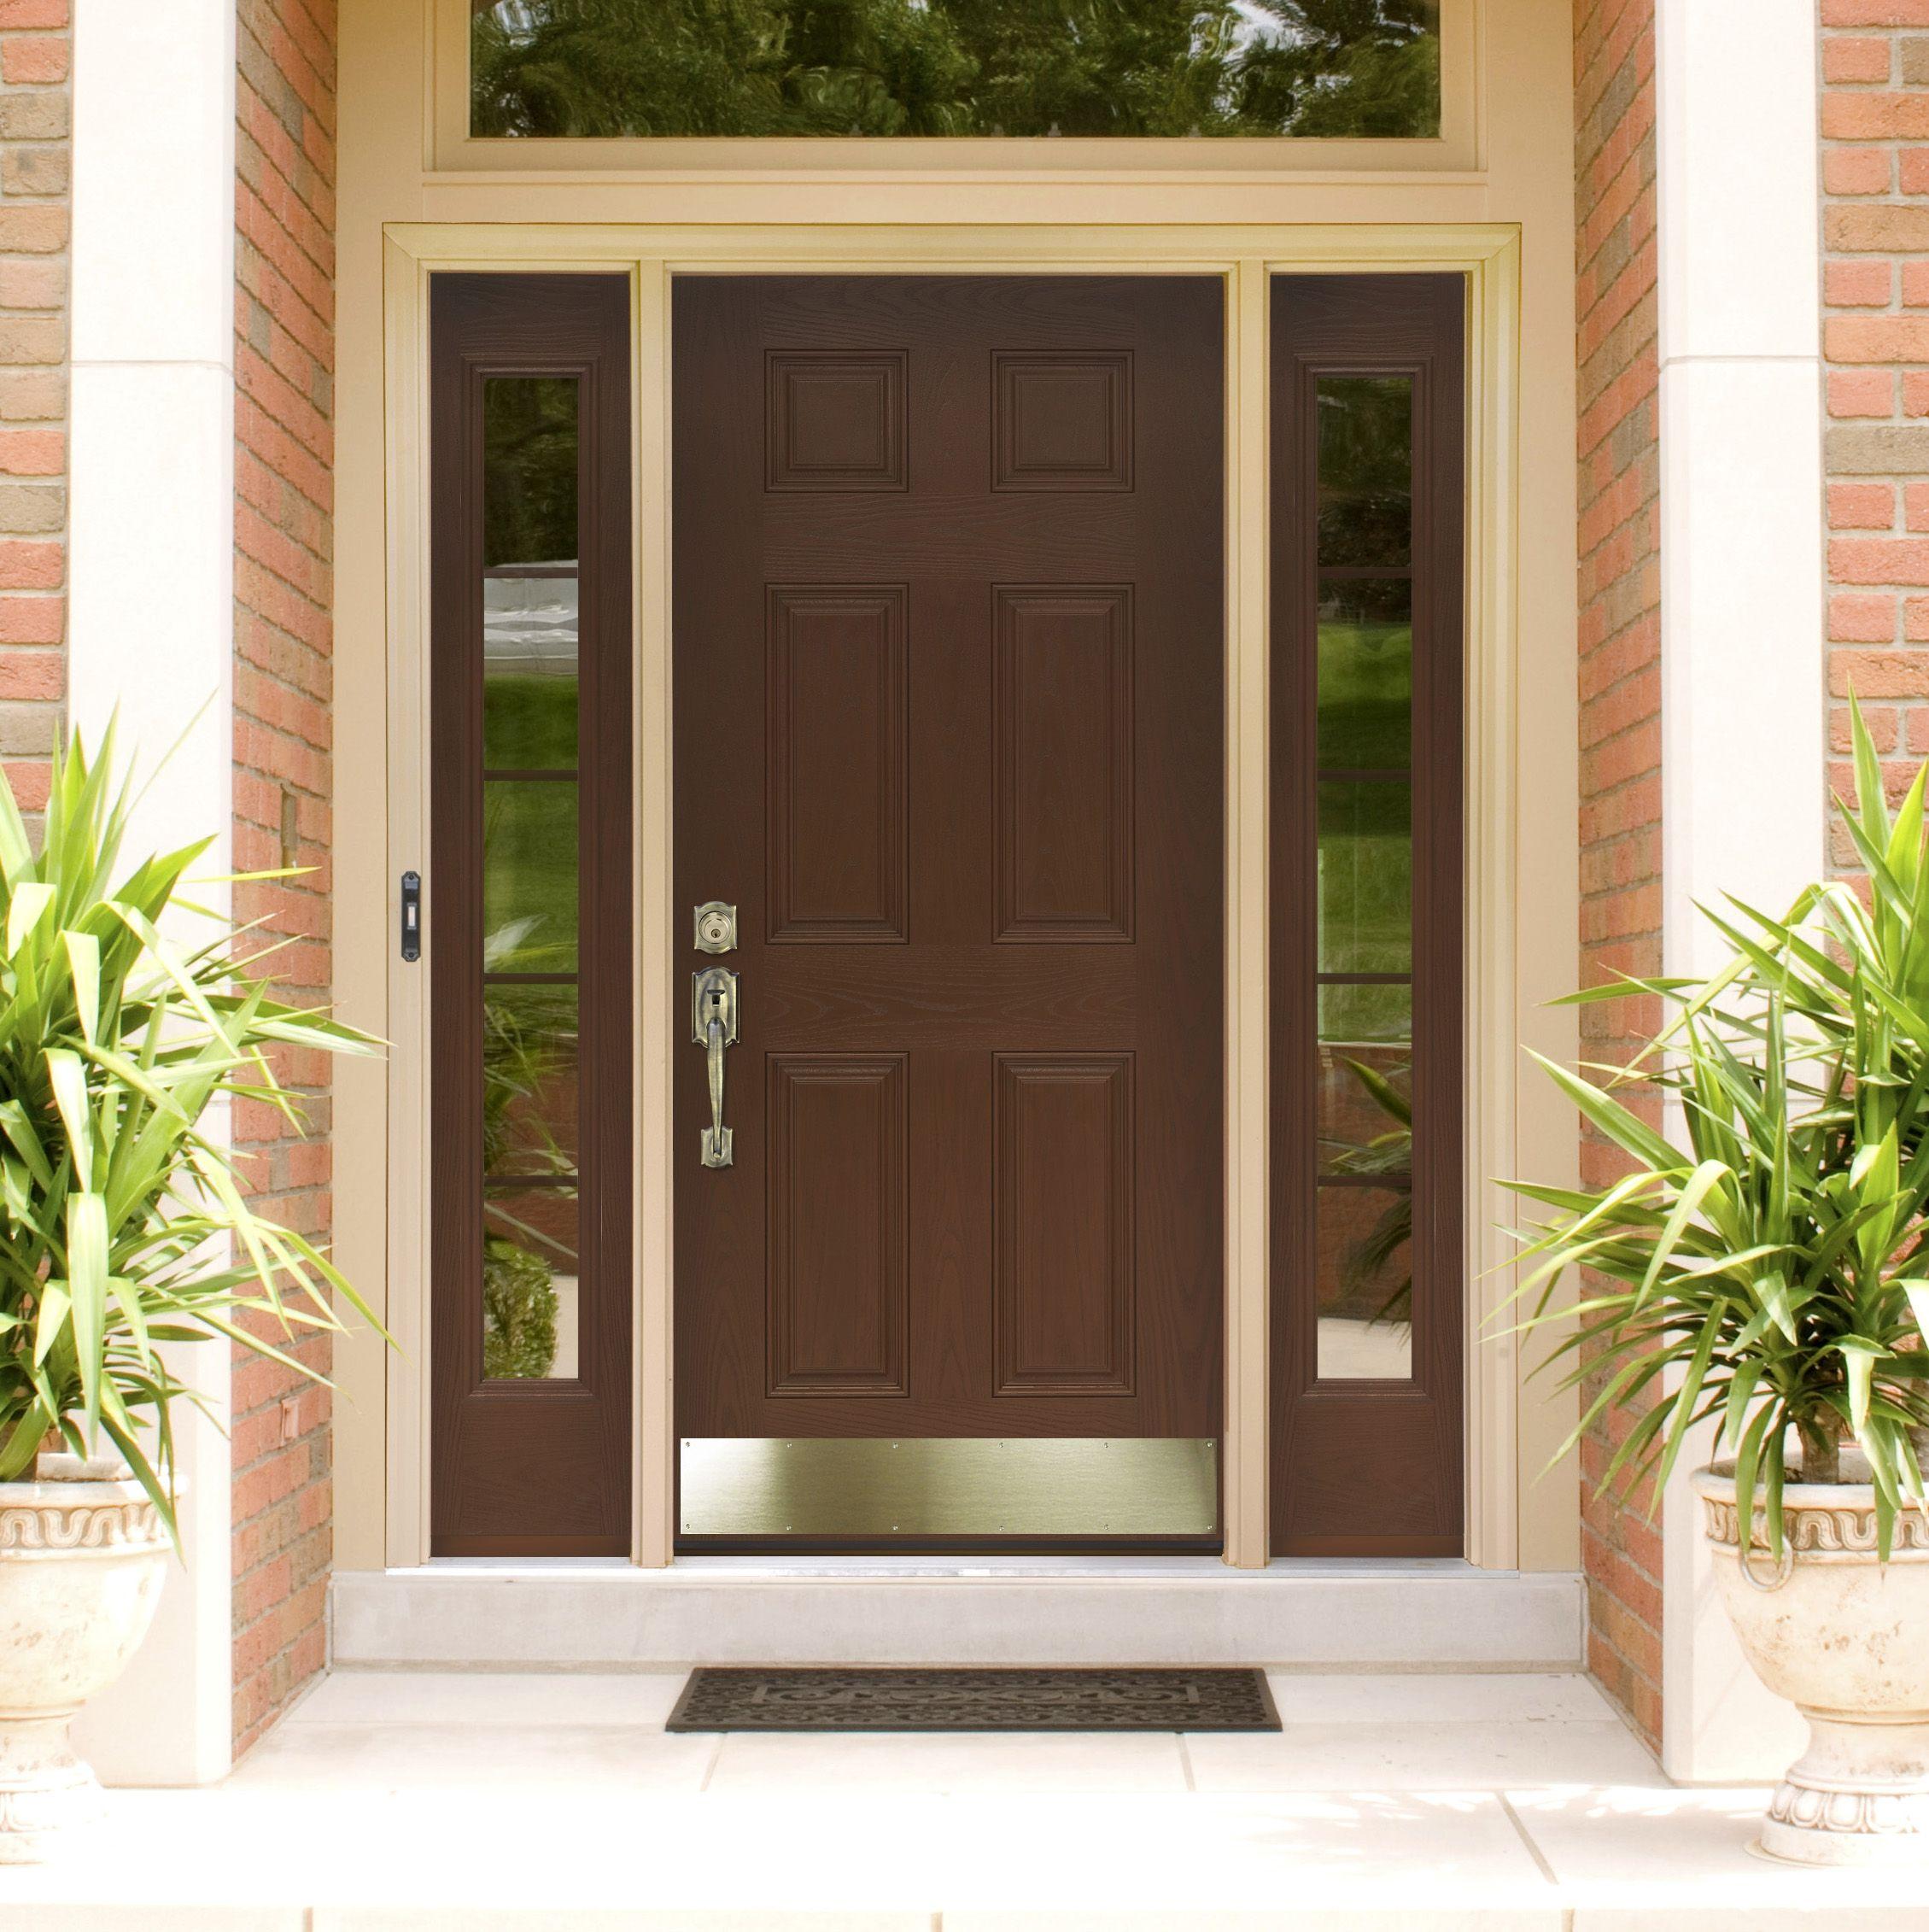 We Install And Repair Entry Doors For Residential Homes Door Design Modern Entrance Door Front Door Design